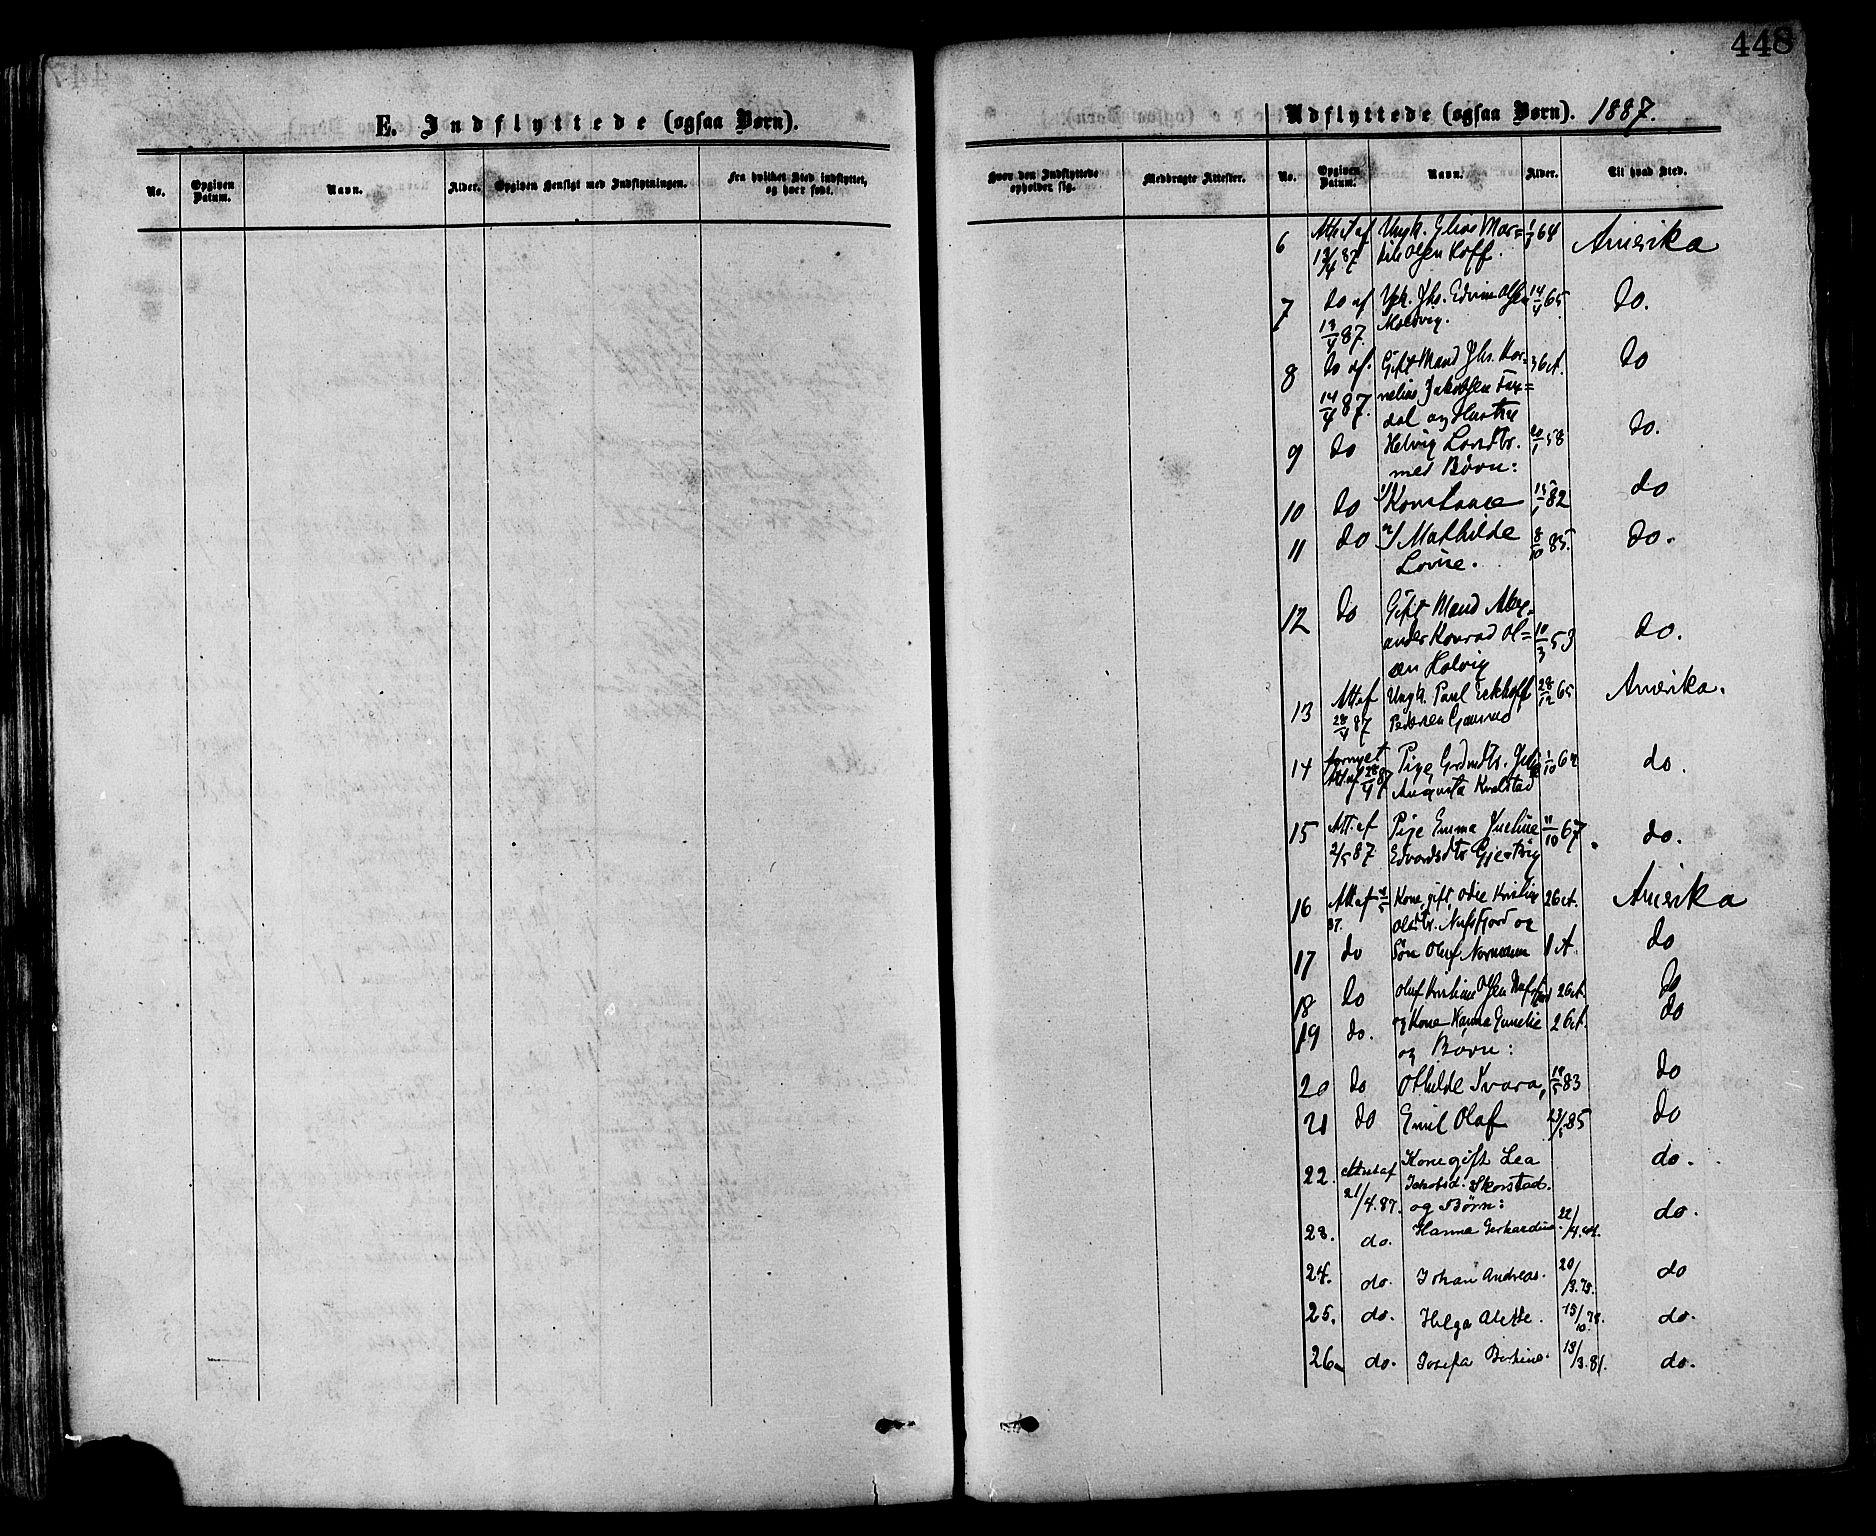 SAT, Ministerialprotokoller, klokkerbøker og fødselsregistre - Nord-Trøndelag, 773/L0616: Ministerialbok nr. 773A07, 1870-1887, s. 448